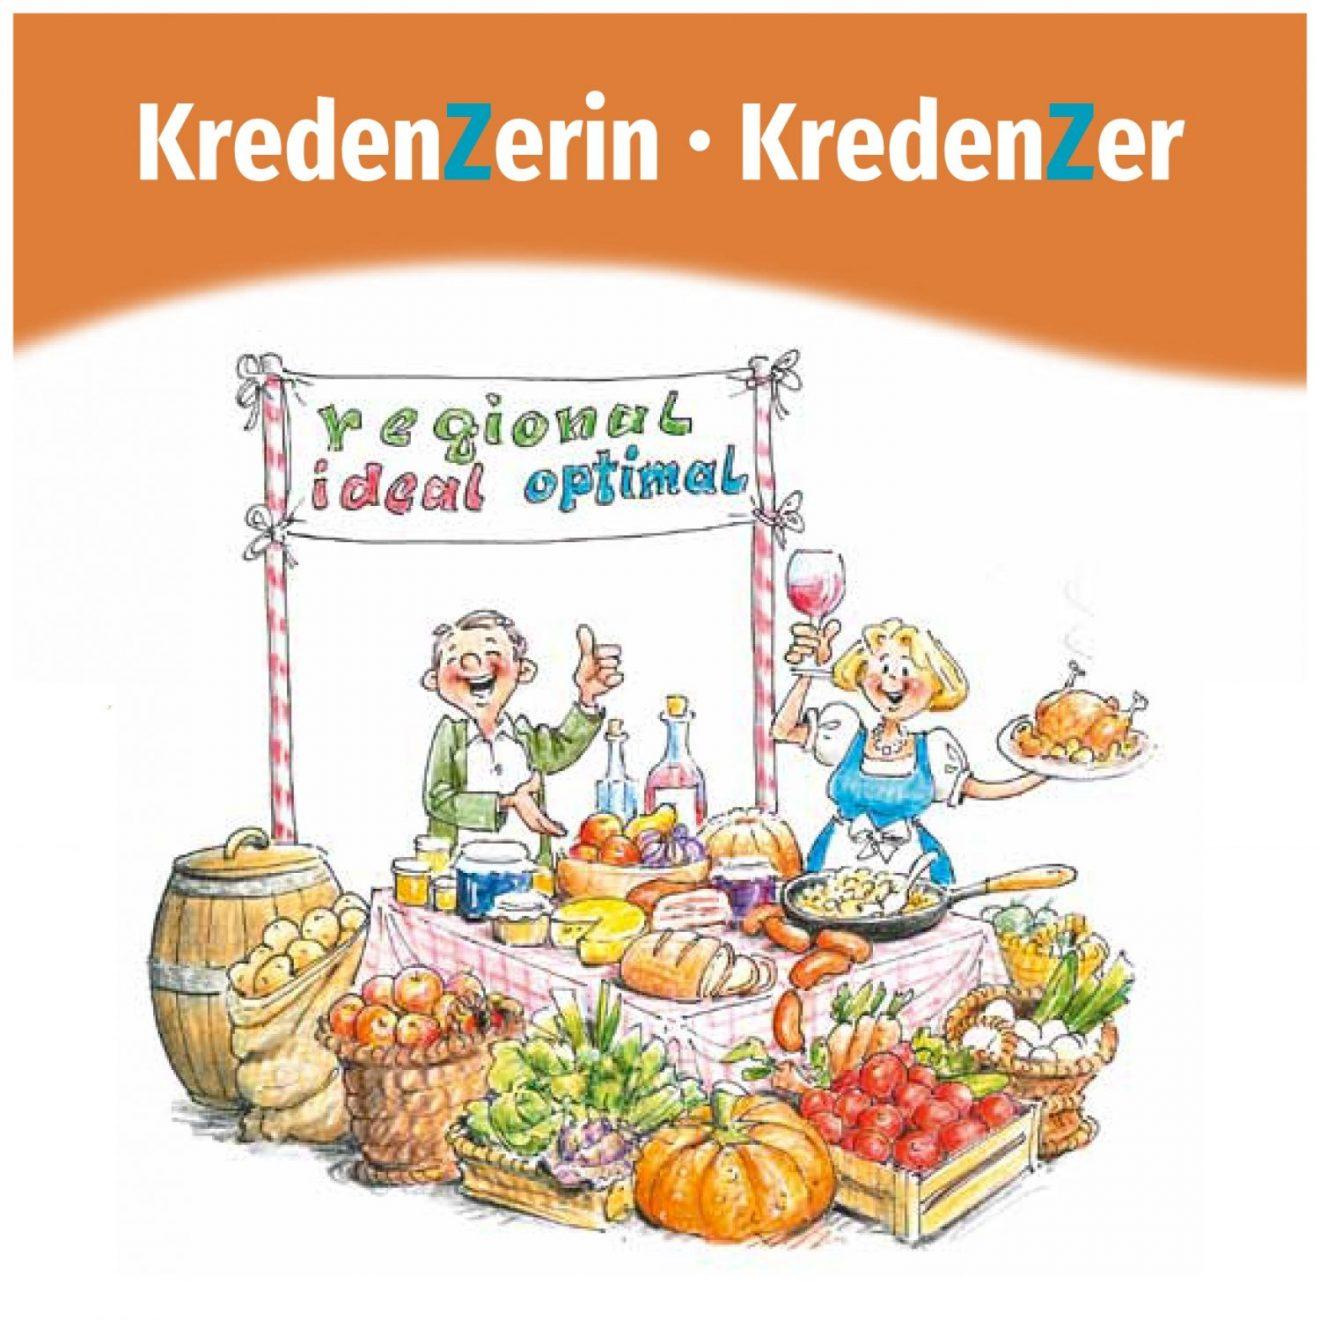 Regional & kulinarisch kreativ - Ein Projekt im Rahmen von EssenZen